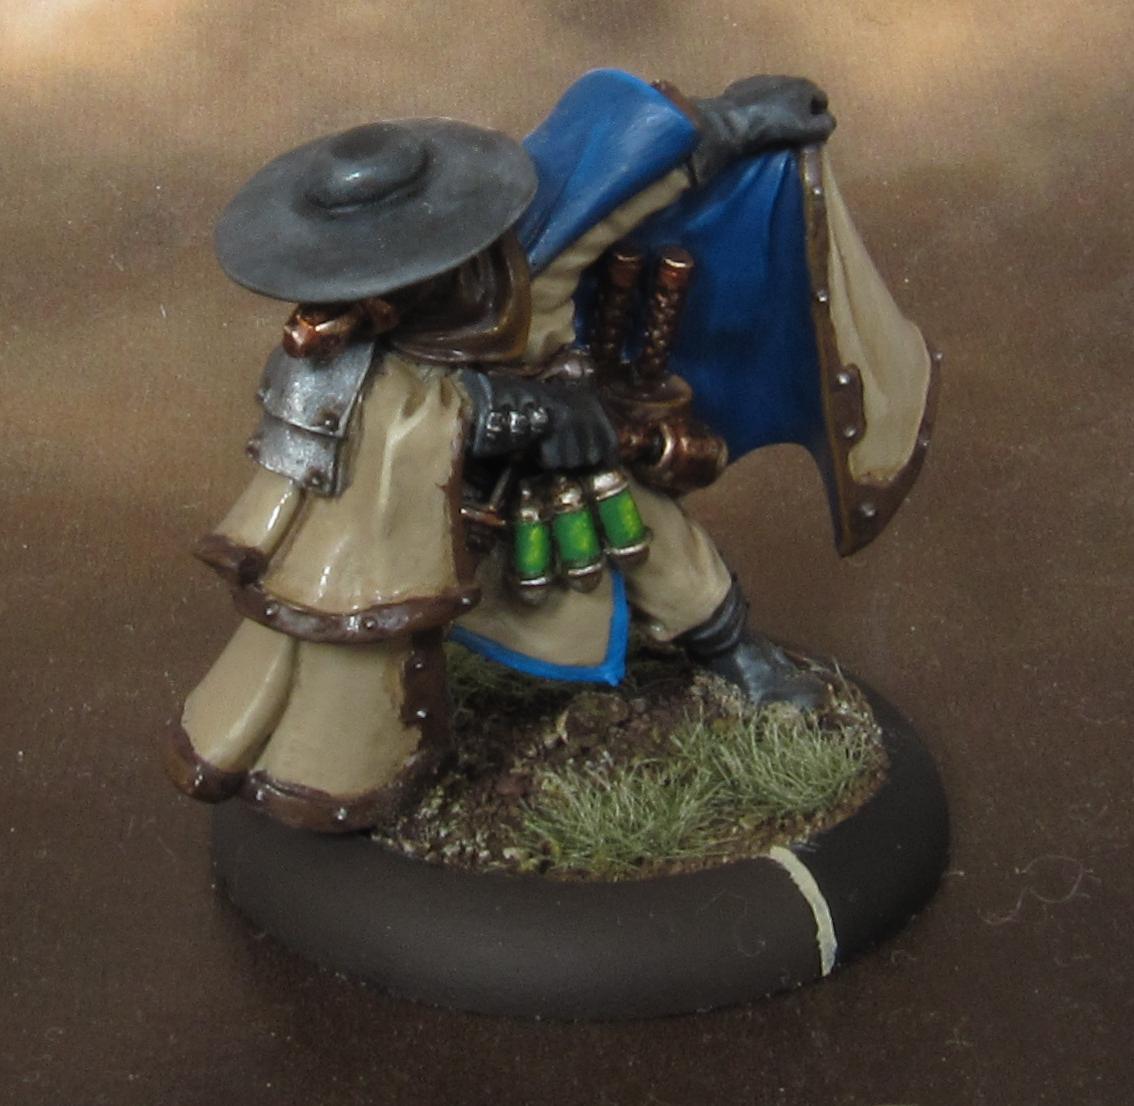 Mercenary, Privateer Press, Solo, Warmachine